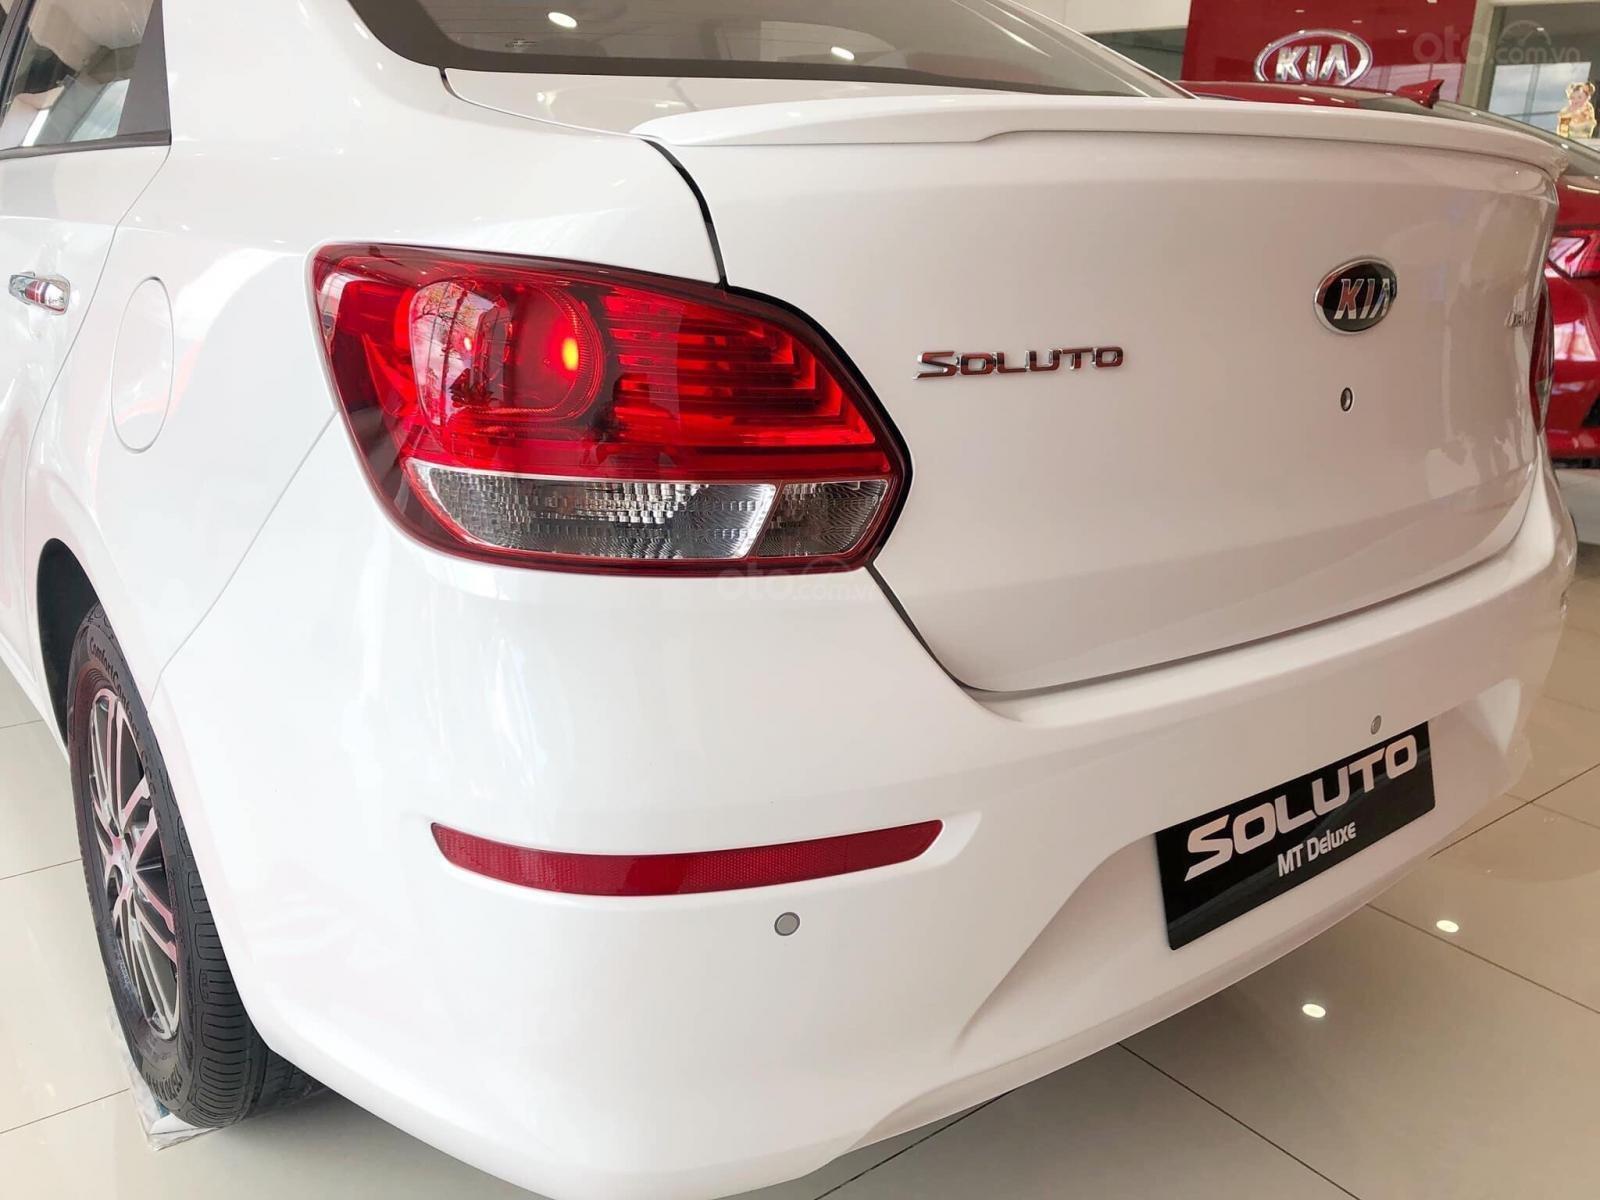 [Kia Giải Phóng] bán Kia Soluto 2020 rẻ nhất phân khúc B - Giá chỉ từ 399tr, hỗ trợ trả góp 90% (6)